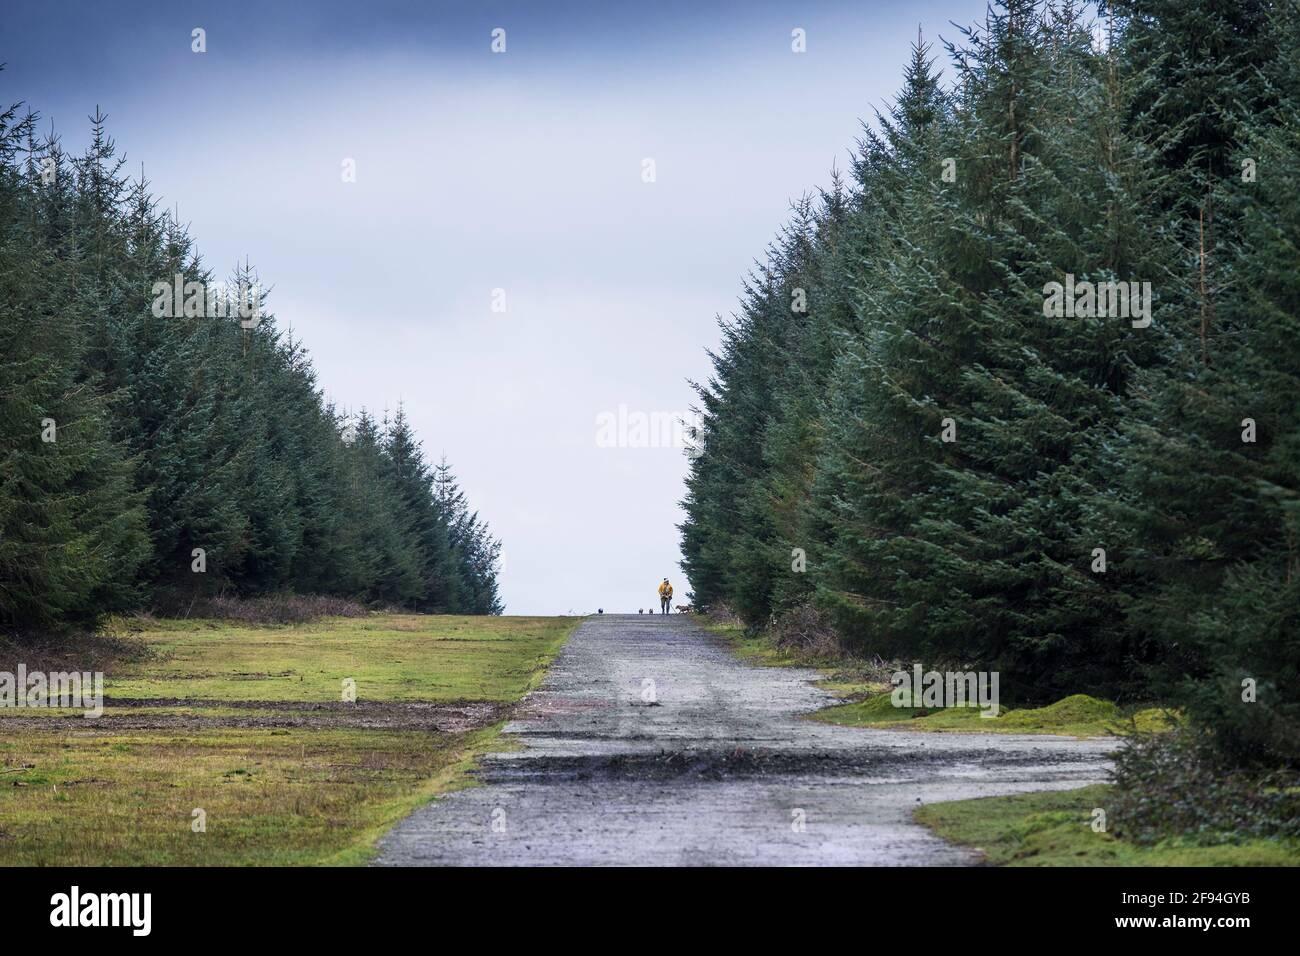 Une marchette de chien marchant ses chiens sur une vieille route sur les restes de l'aérodrome de RAF Davidstow sur Bodmin Moor dans Cornwall. Banque D'Images